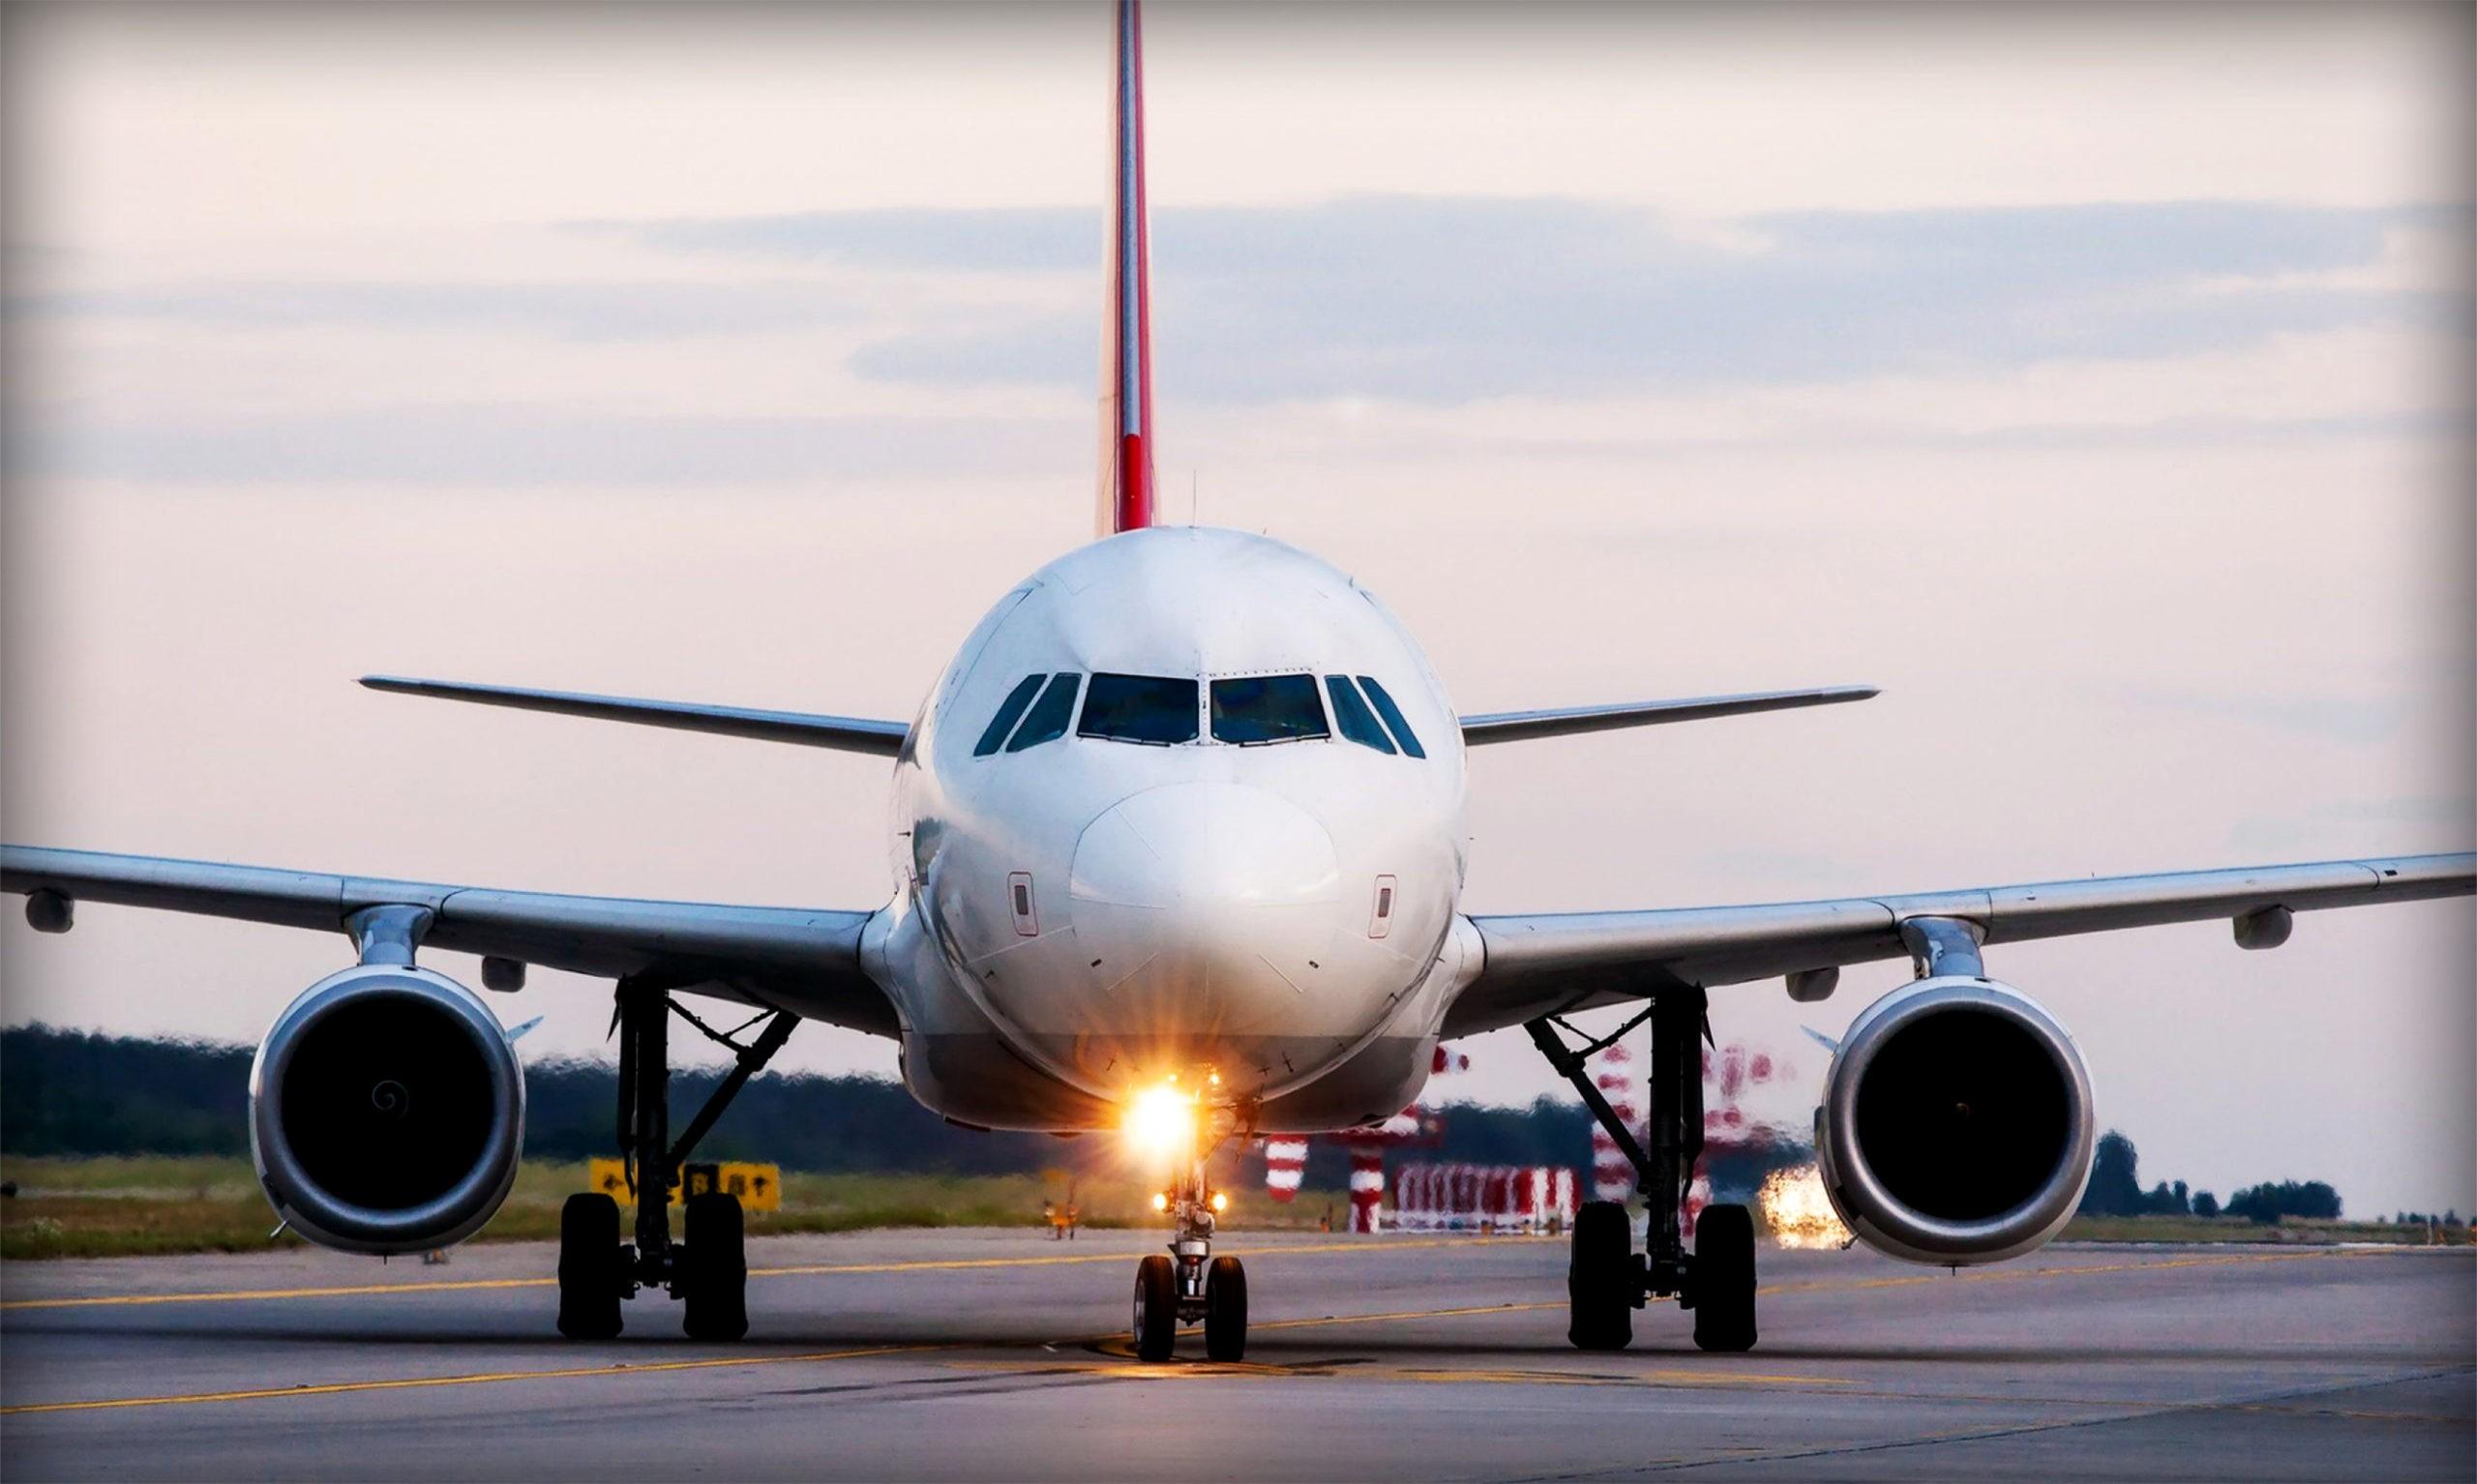 Как пилоты управляют самолетом на земле?